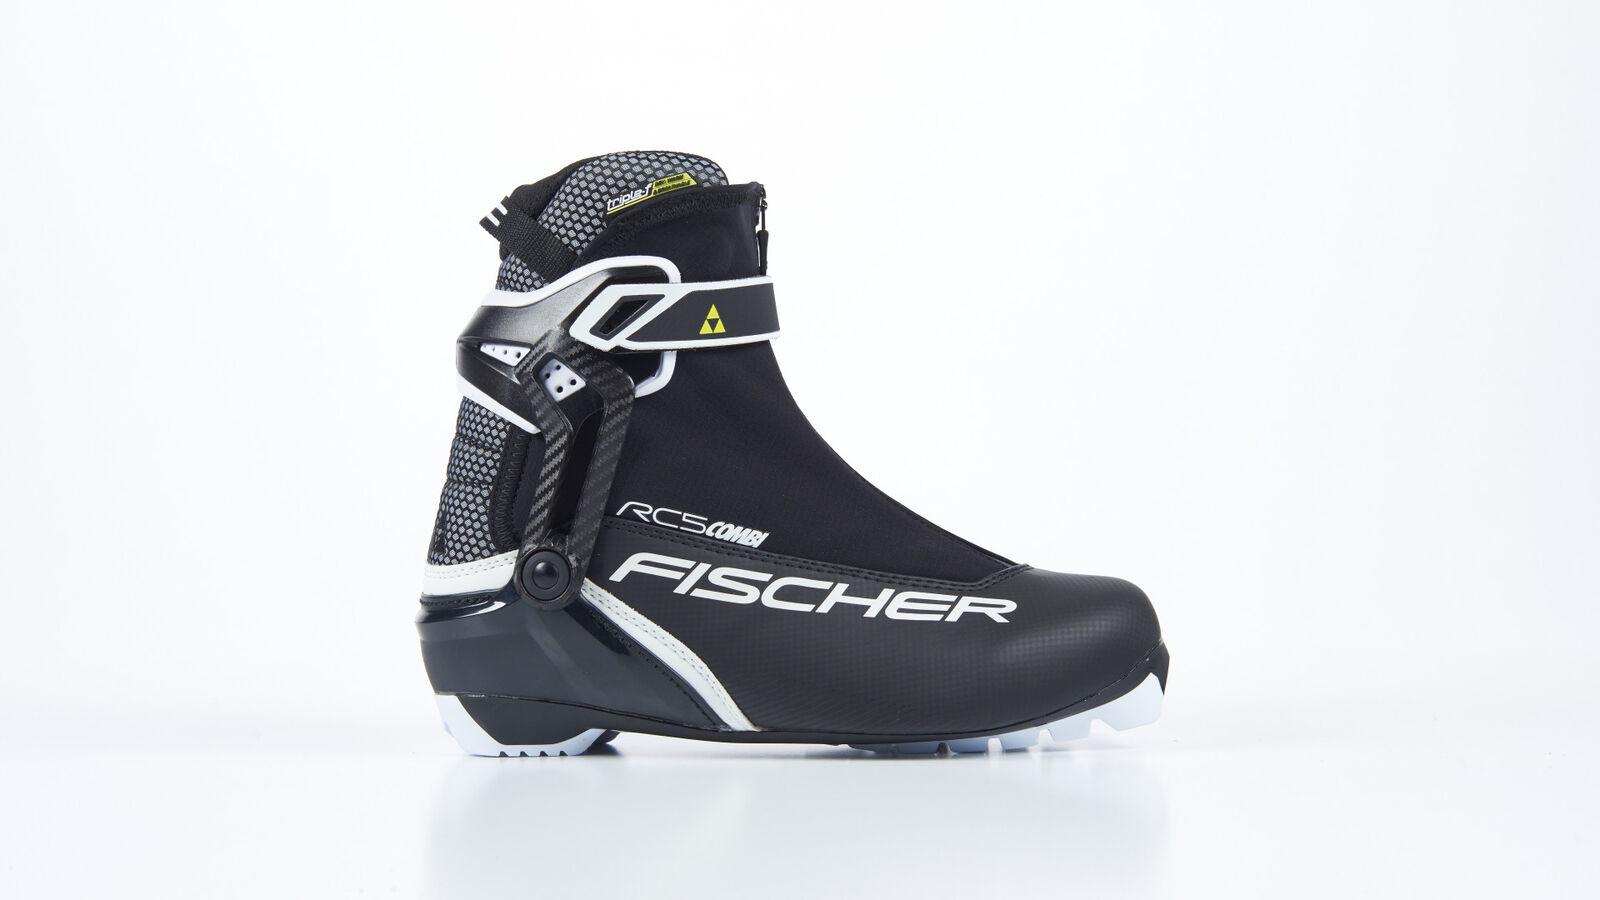 Fischer esquí a campo traviesa zapatos rc5 combi   ¡no ser extrañado!